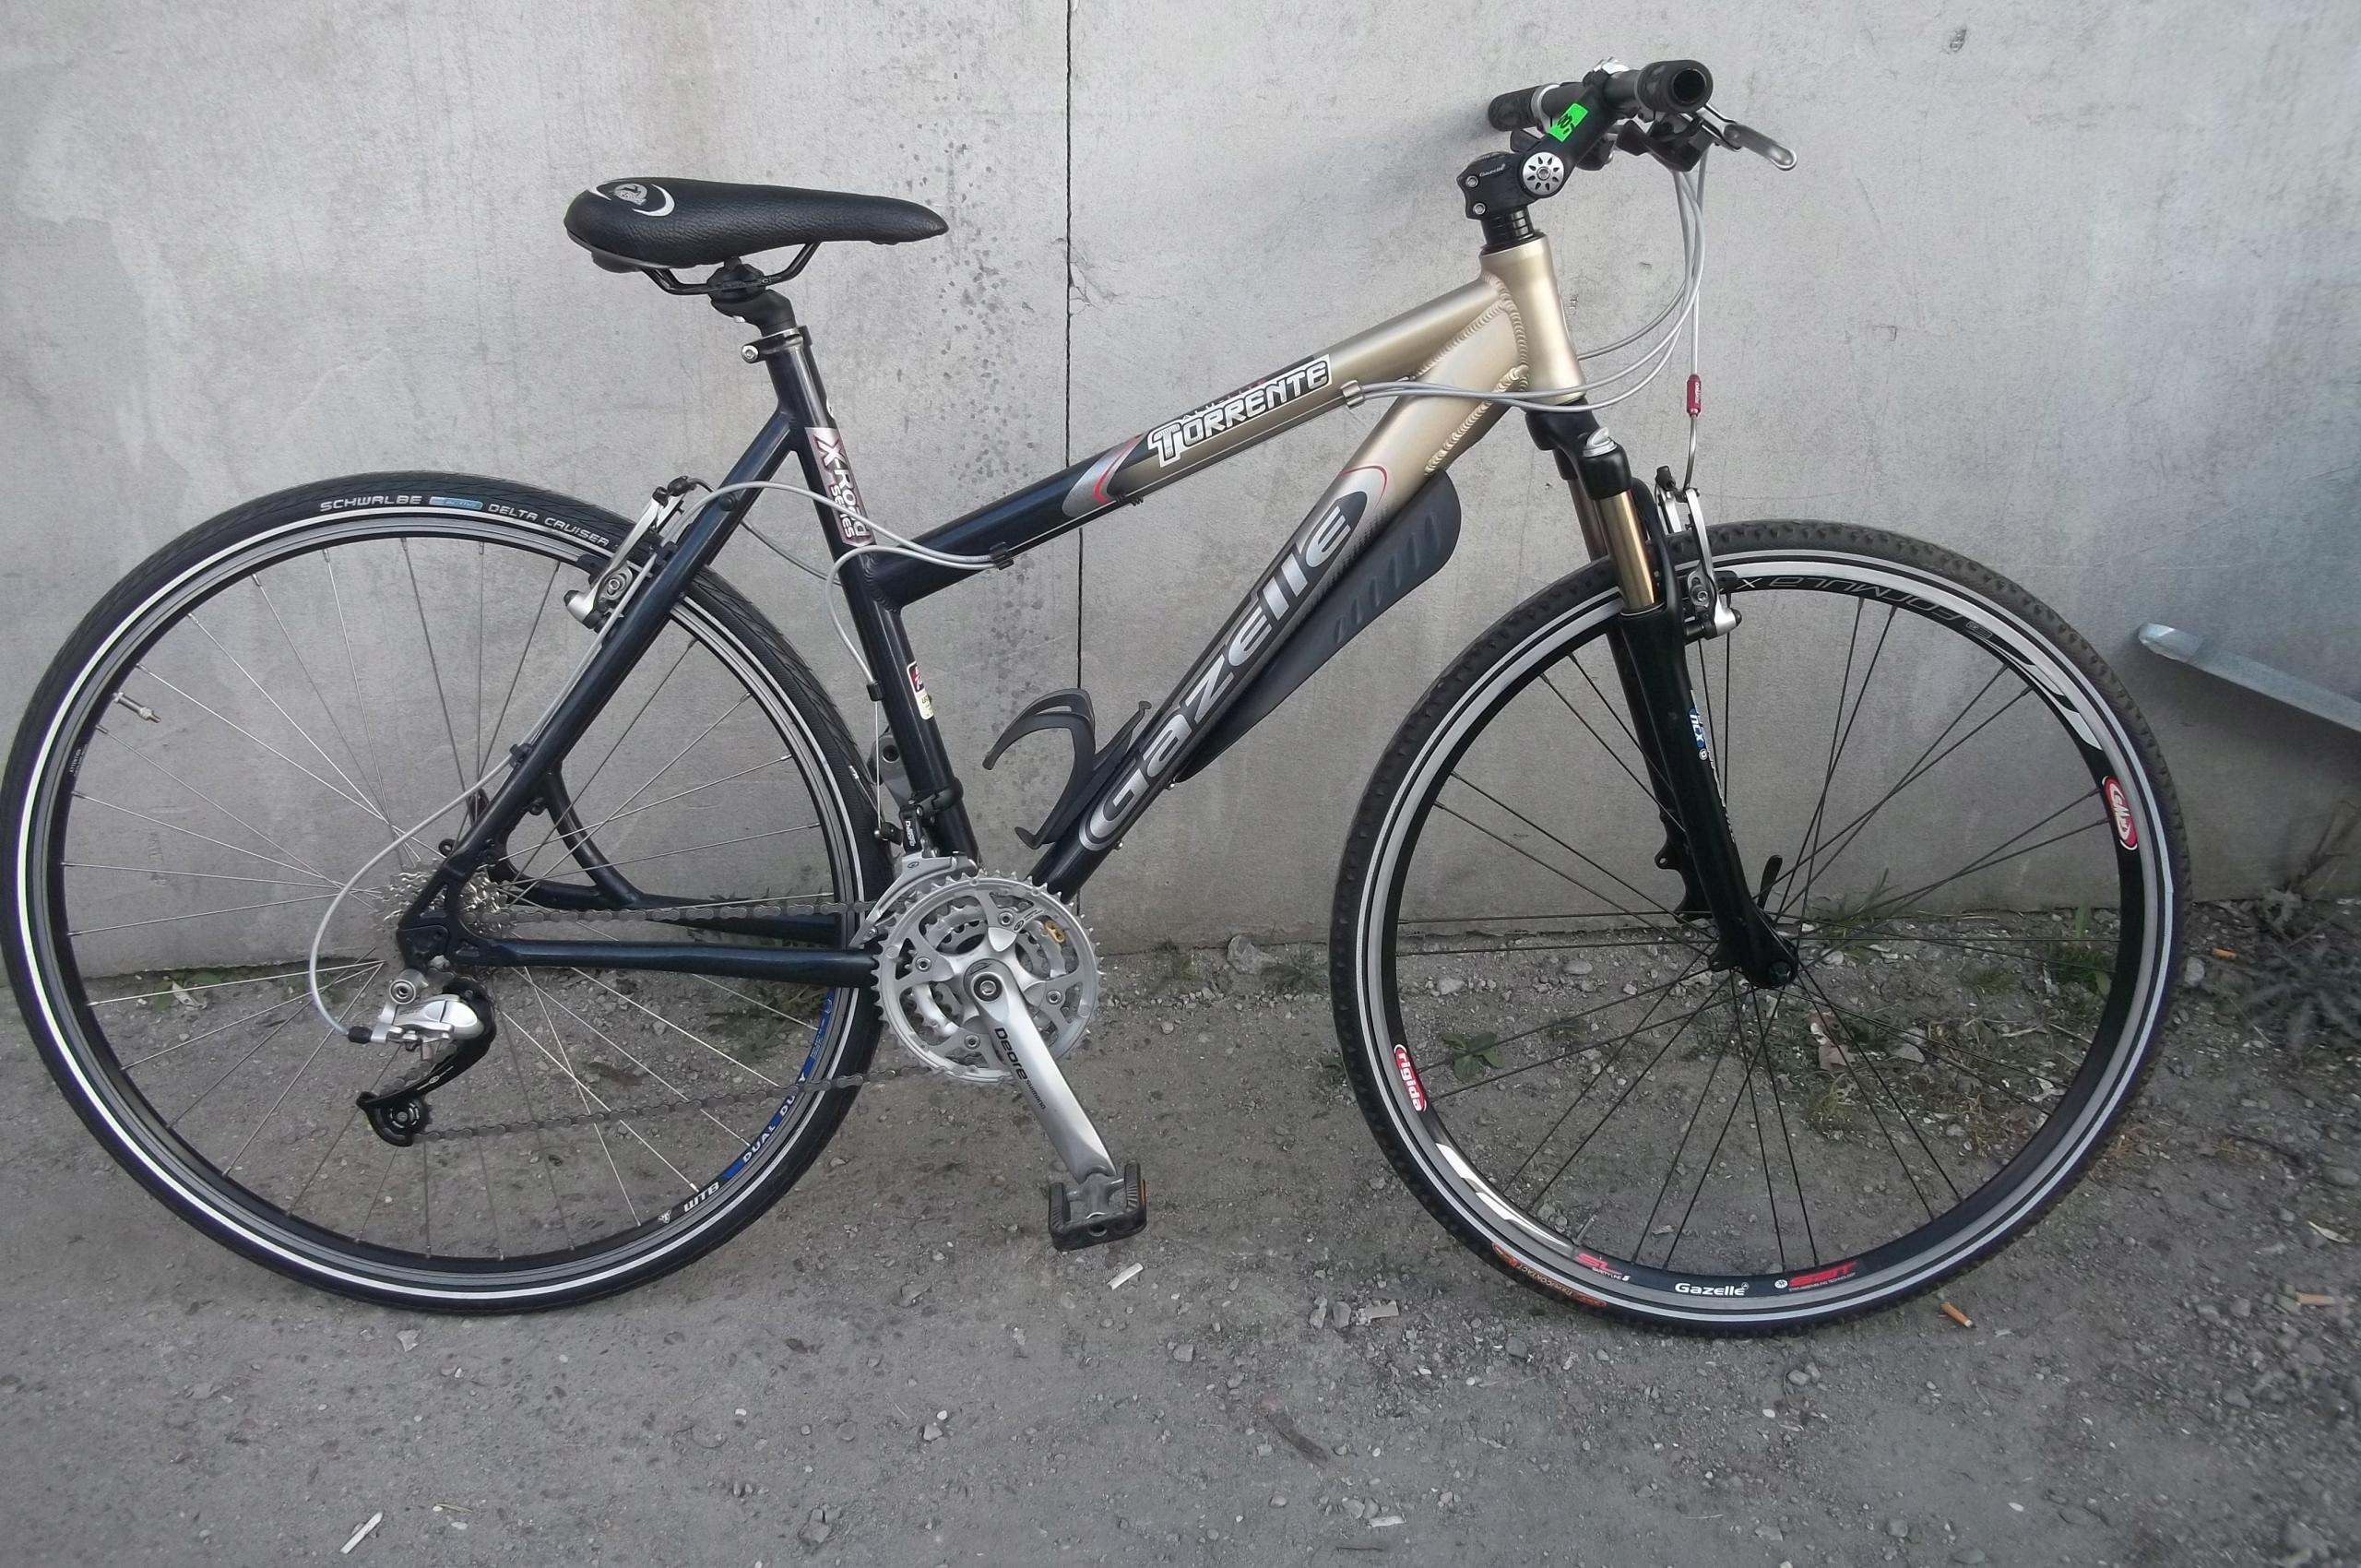 Nr 404 Rower crossowy damski gazelle torrente 28